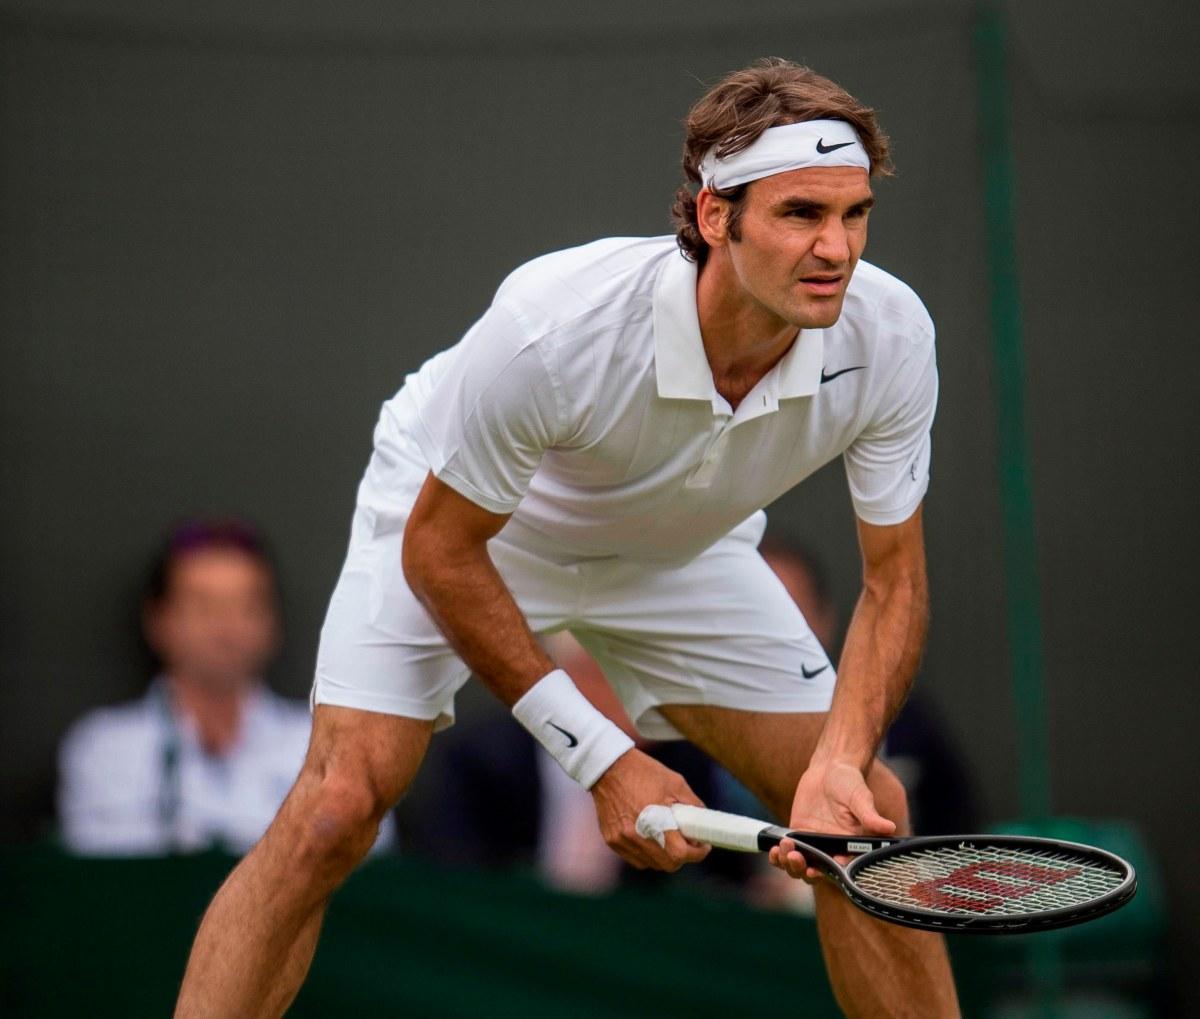 Il miglior ribattitore del circuito? Roger Federer